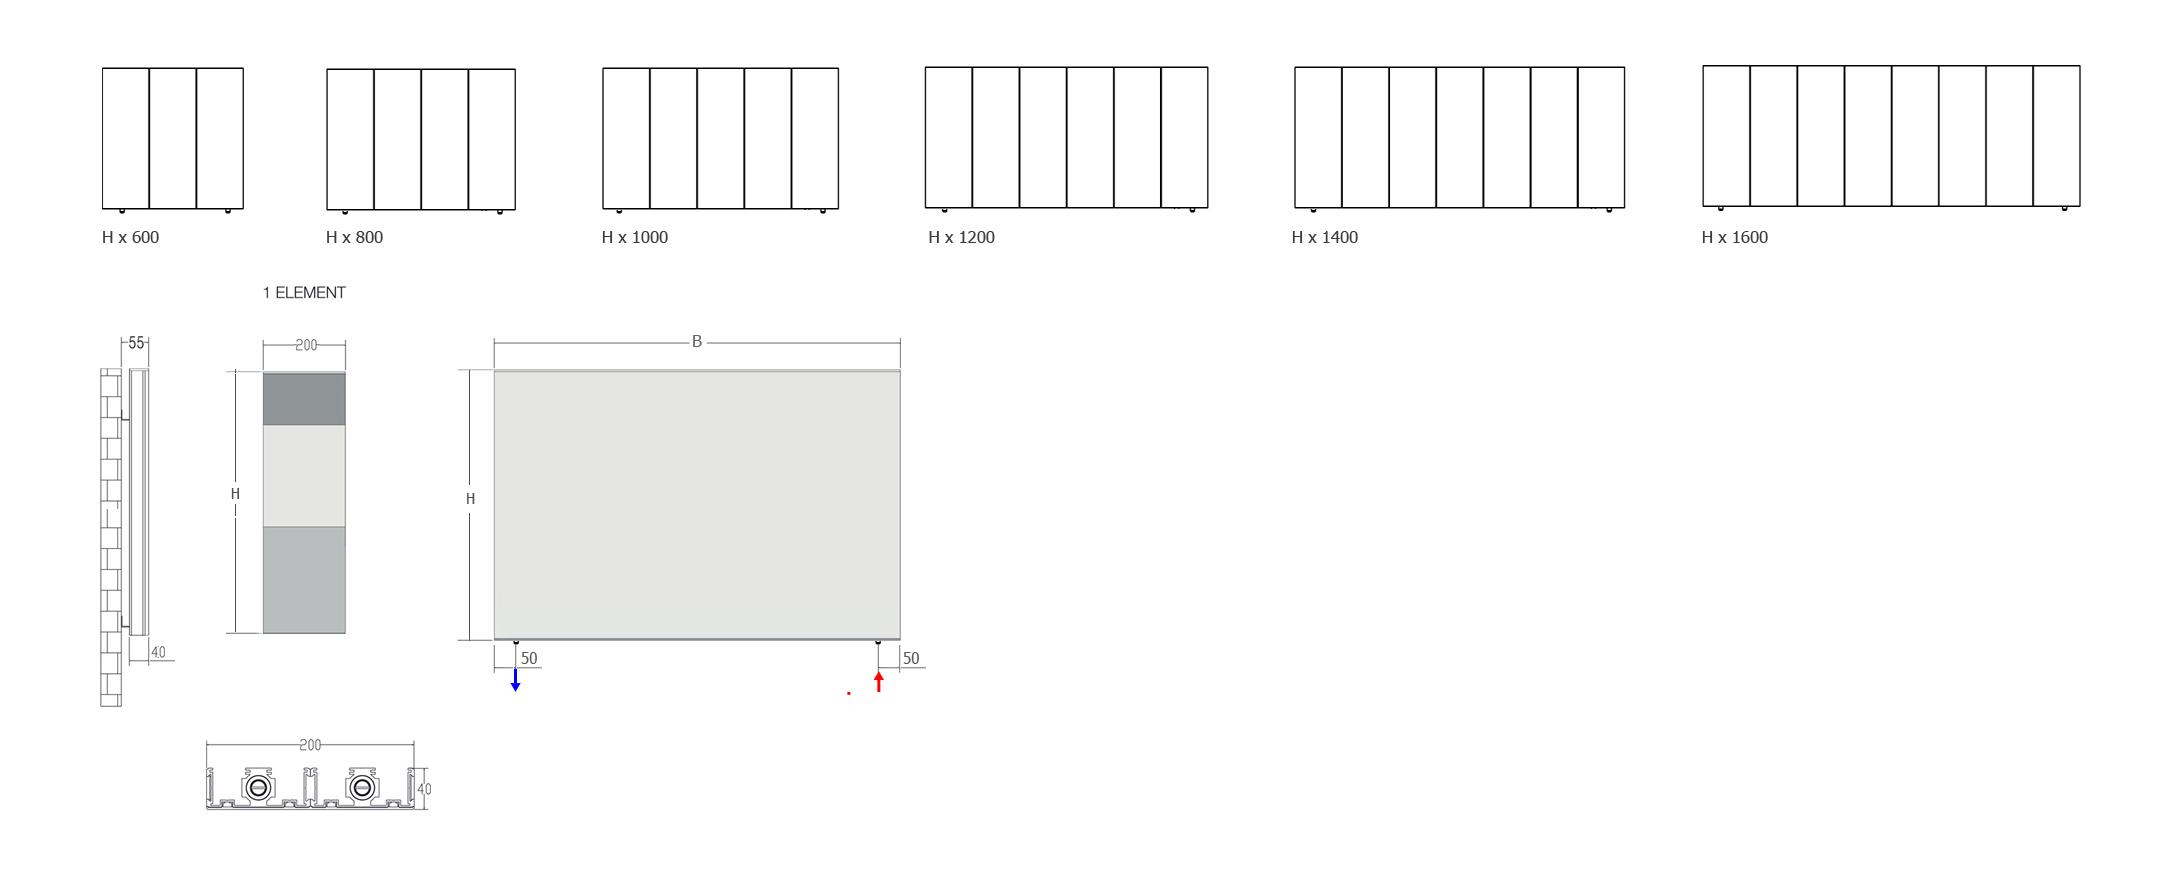 heizk rper horizontal kleopatra heizungsk rper senia. Black Bedroom Furniture Sets. Home Design Ideas